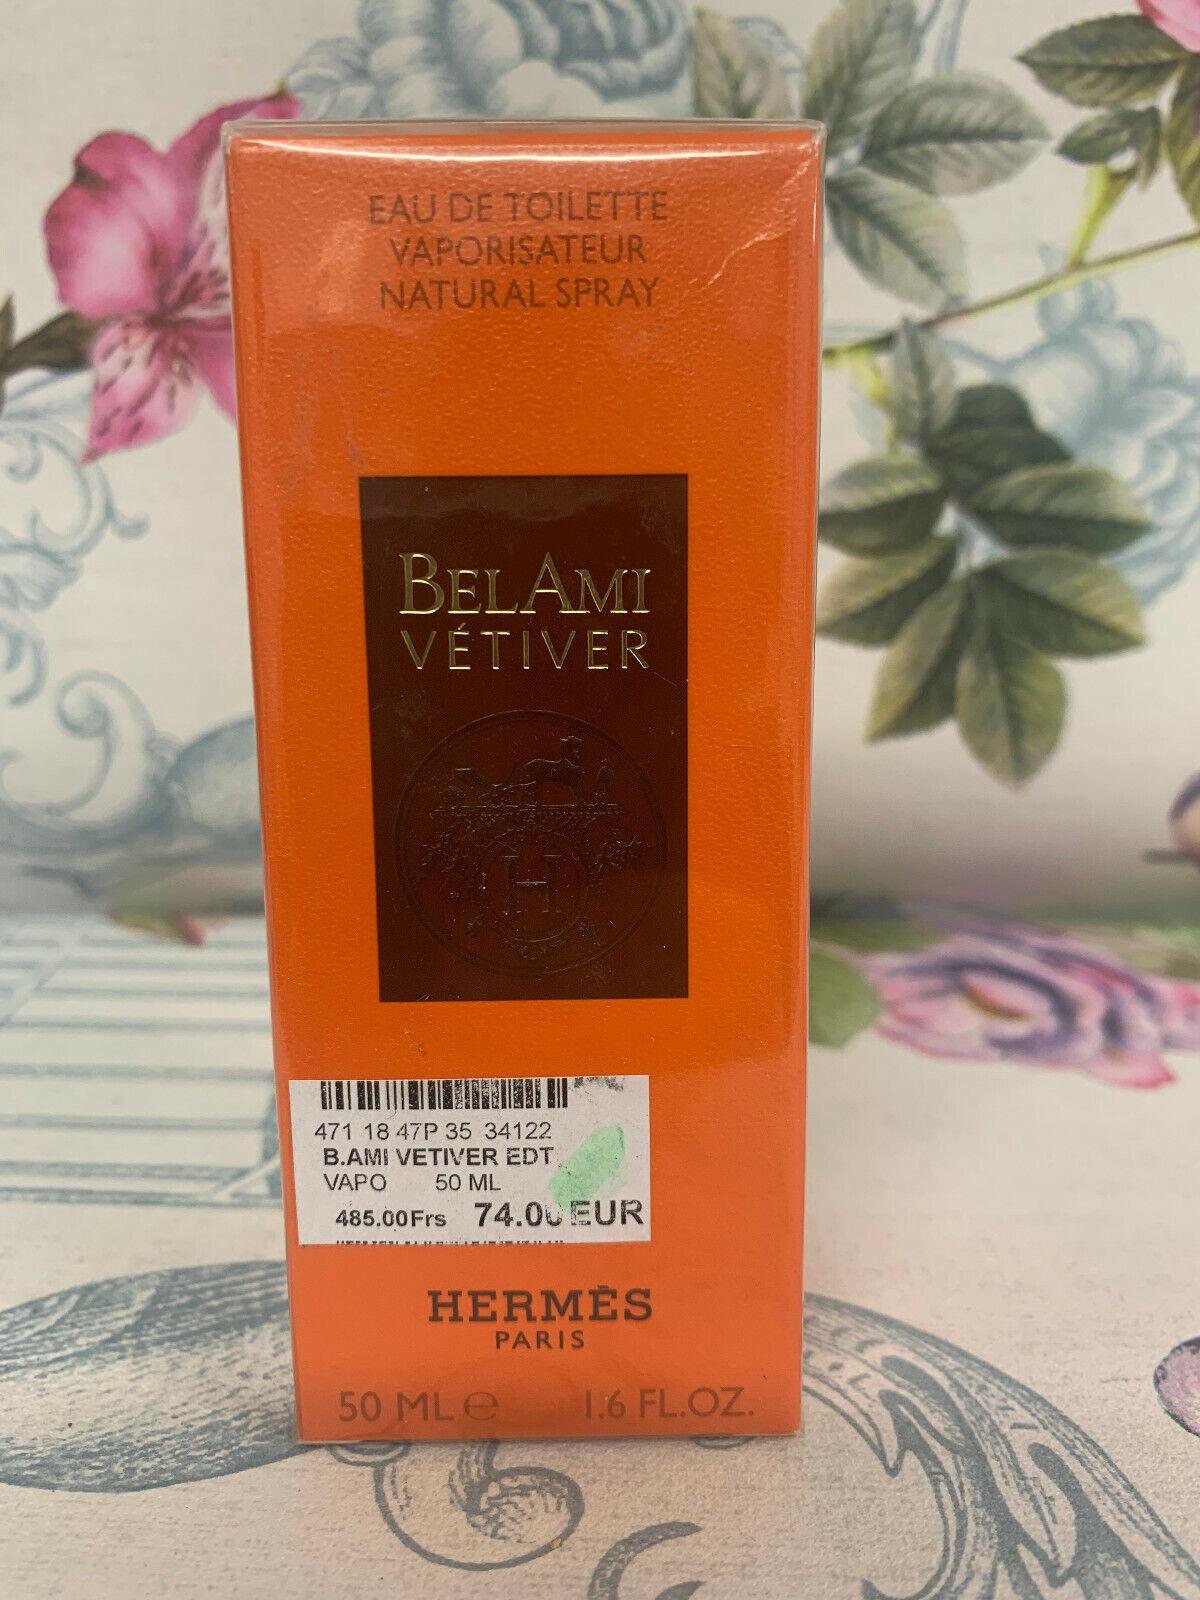 Parfum Bel Ami Vetivier 50 ml HERMES Eau De Toilette NEUF Homme